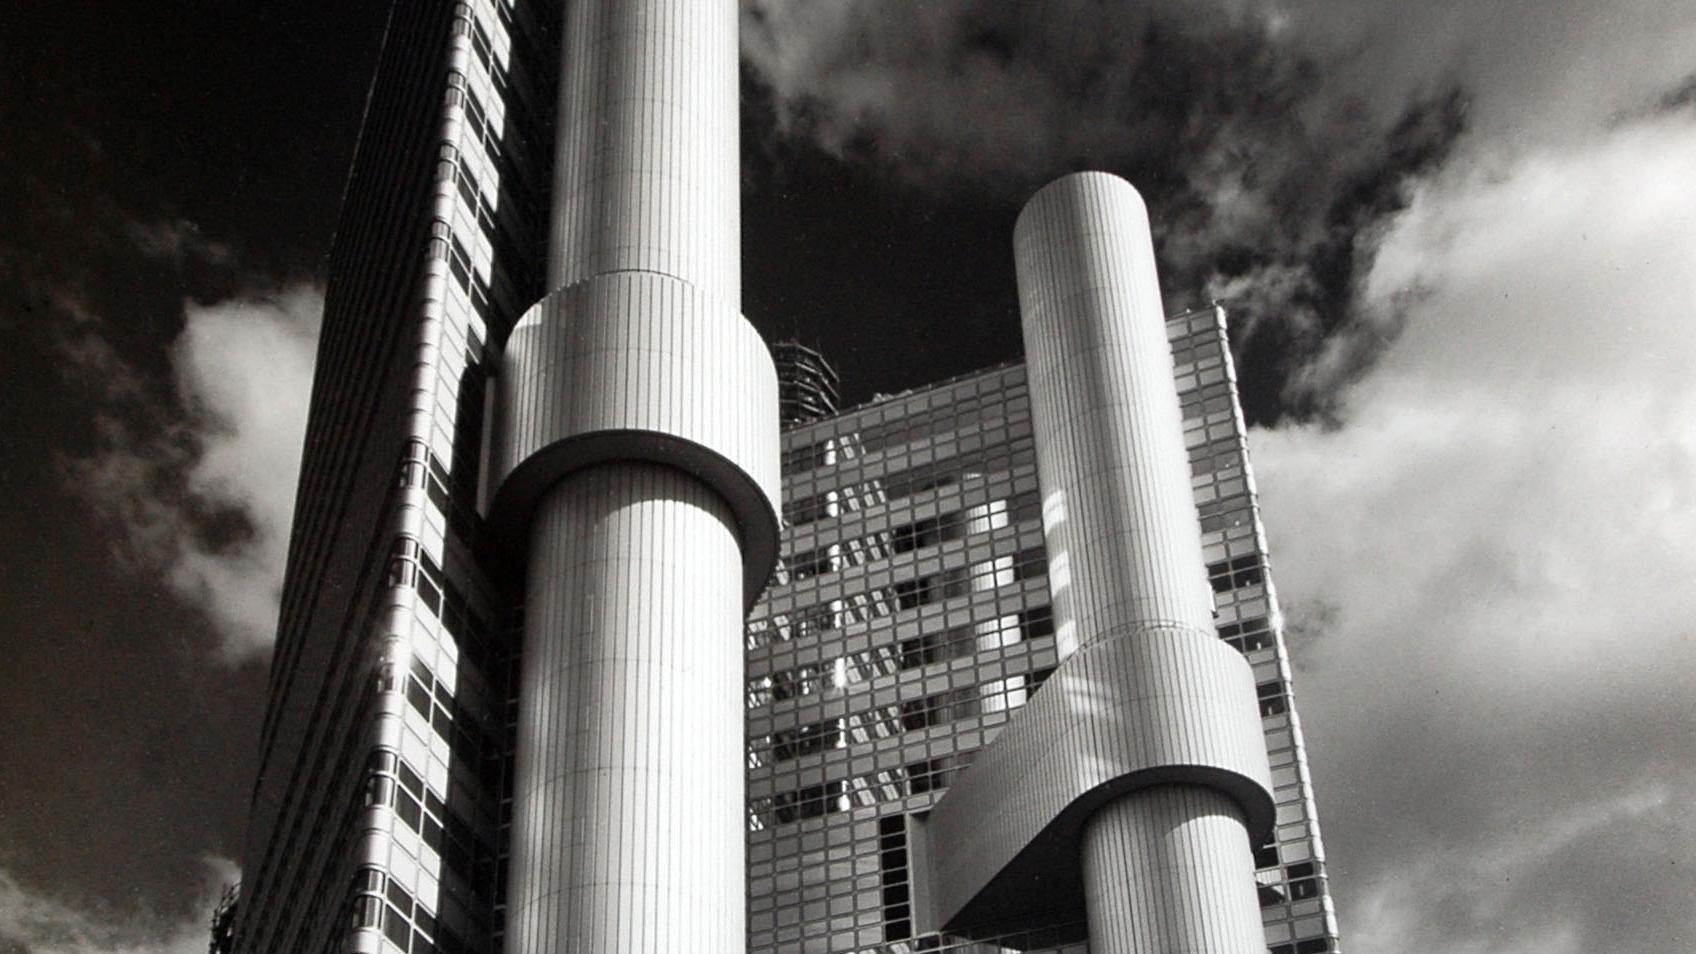 Fotografie in Untersicht, Hochhaus mit Säulen und Glasfassaden (Zentrale der Hypobank am Arabellapark, München, Walther und Bea Betz), 1981